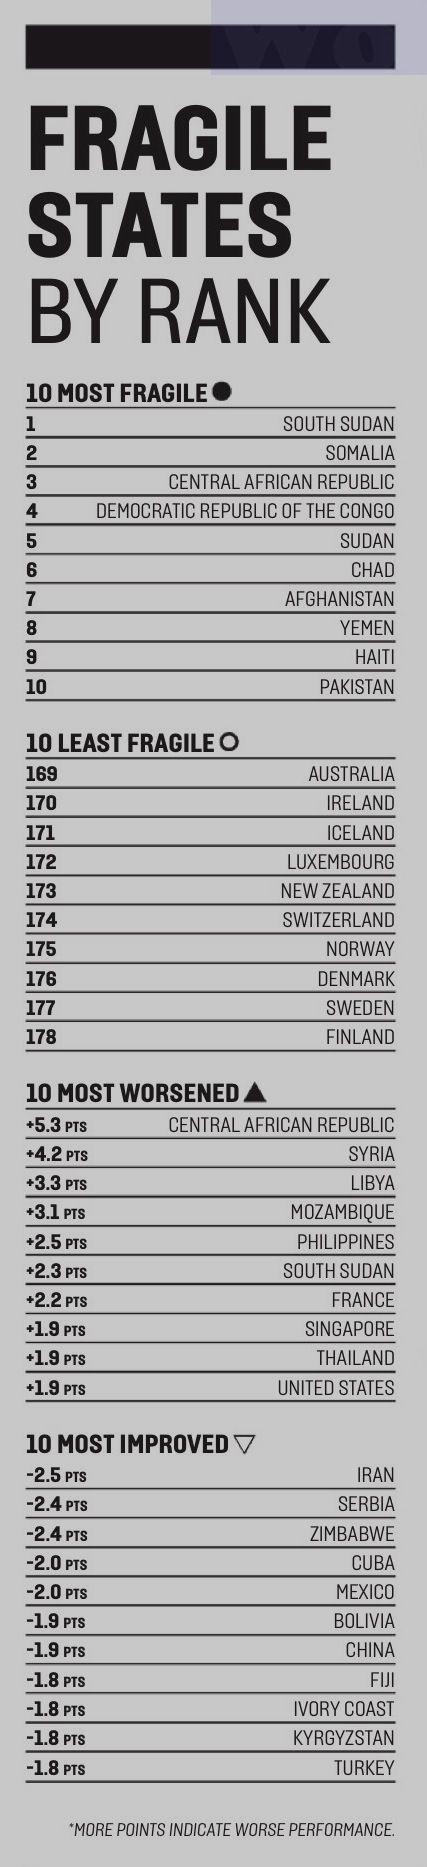 Fragile states index 2013